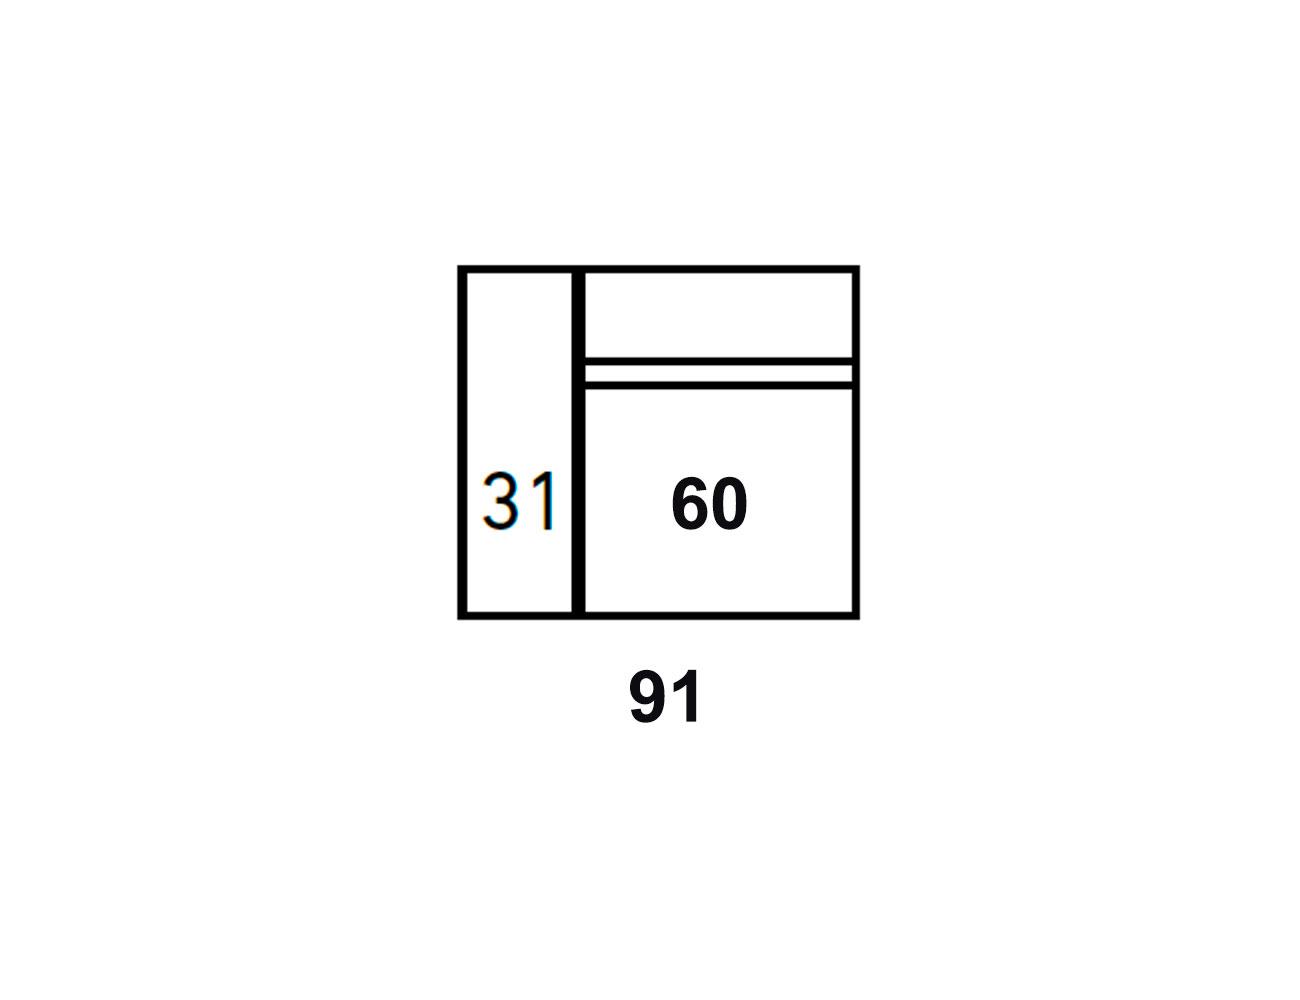 Modulo 1p 911